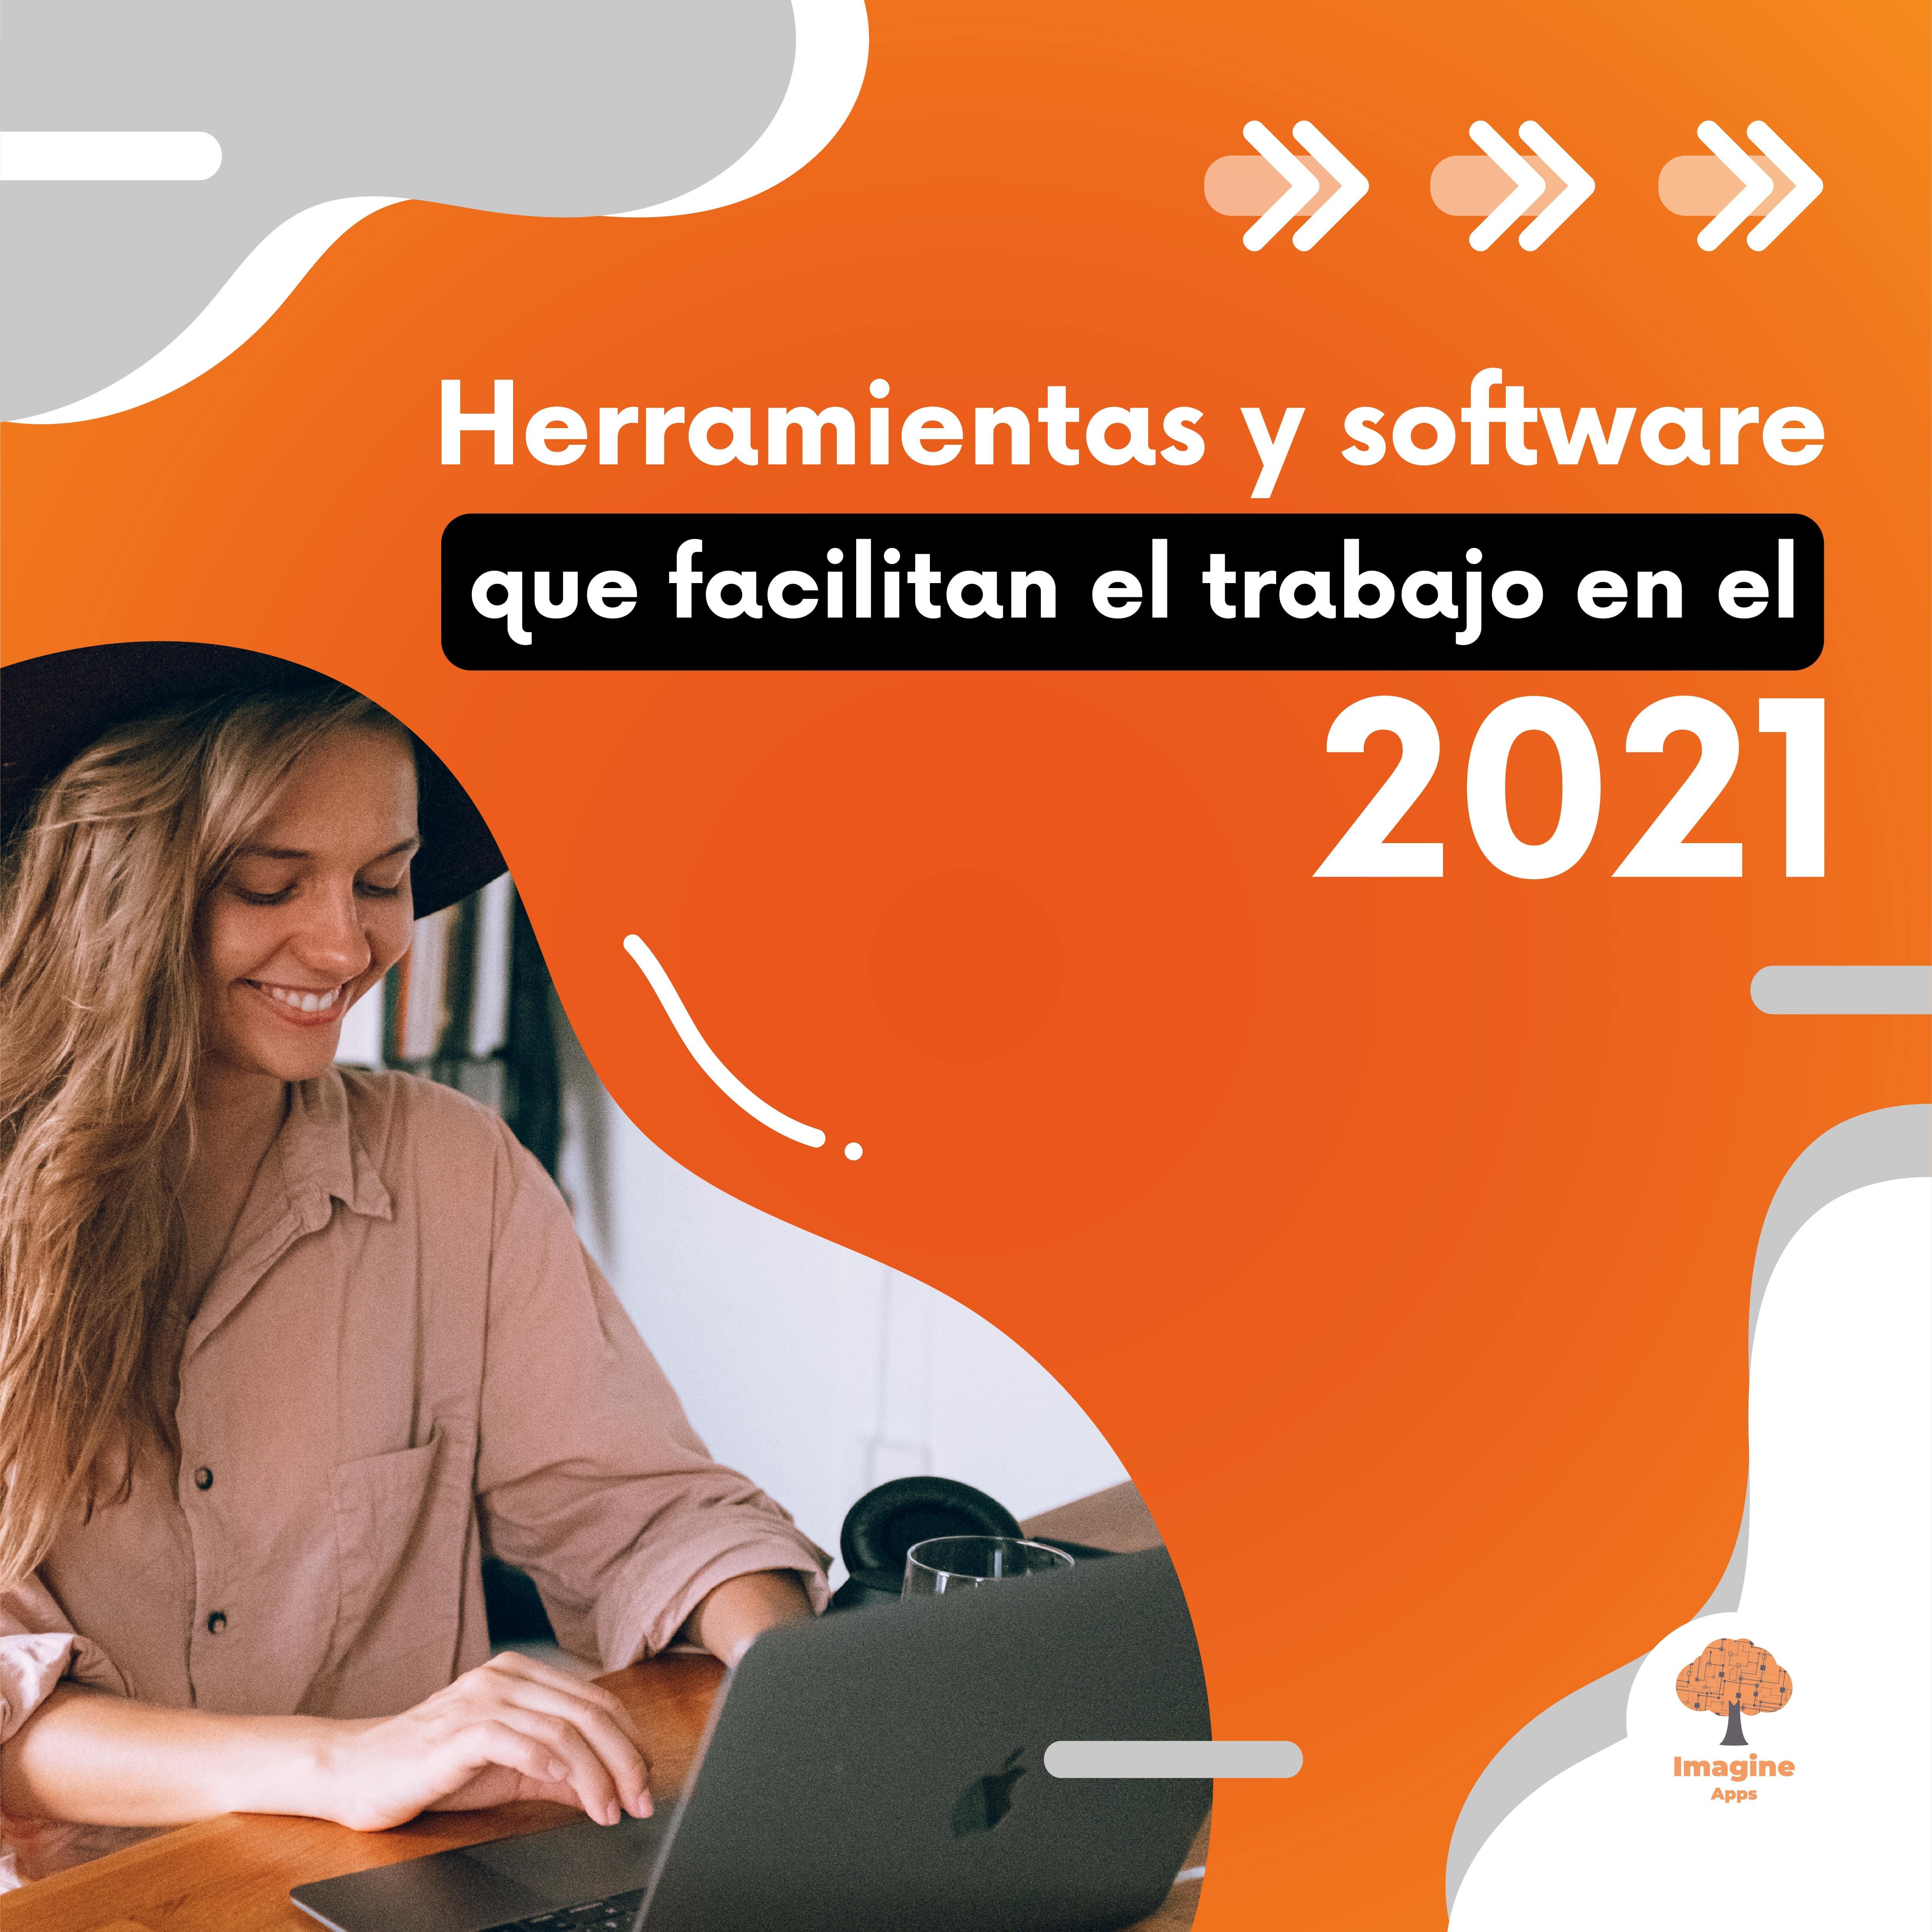 Herramientas y software que facilitan el trabajo este 2021